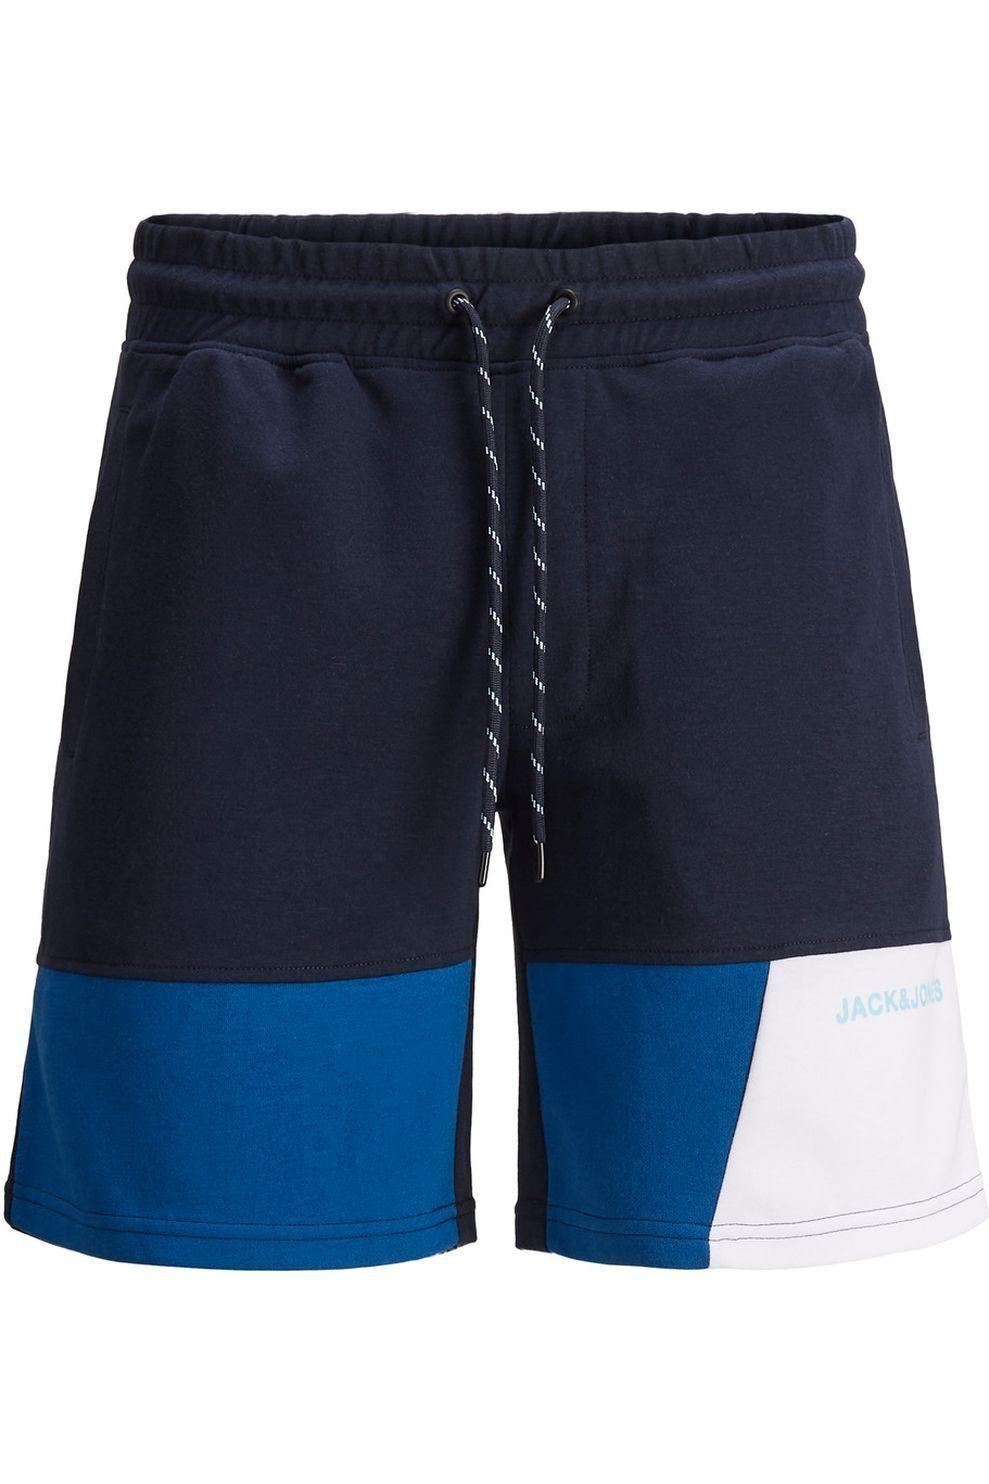 JACK & JONES Short Jjimars Sweat Shorts Nb Jr voor jongens - Blauw/Wit - Maten: 128, 140, 152, 164,